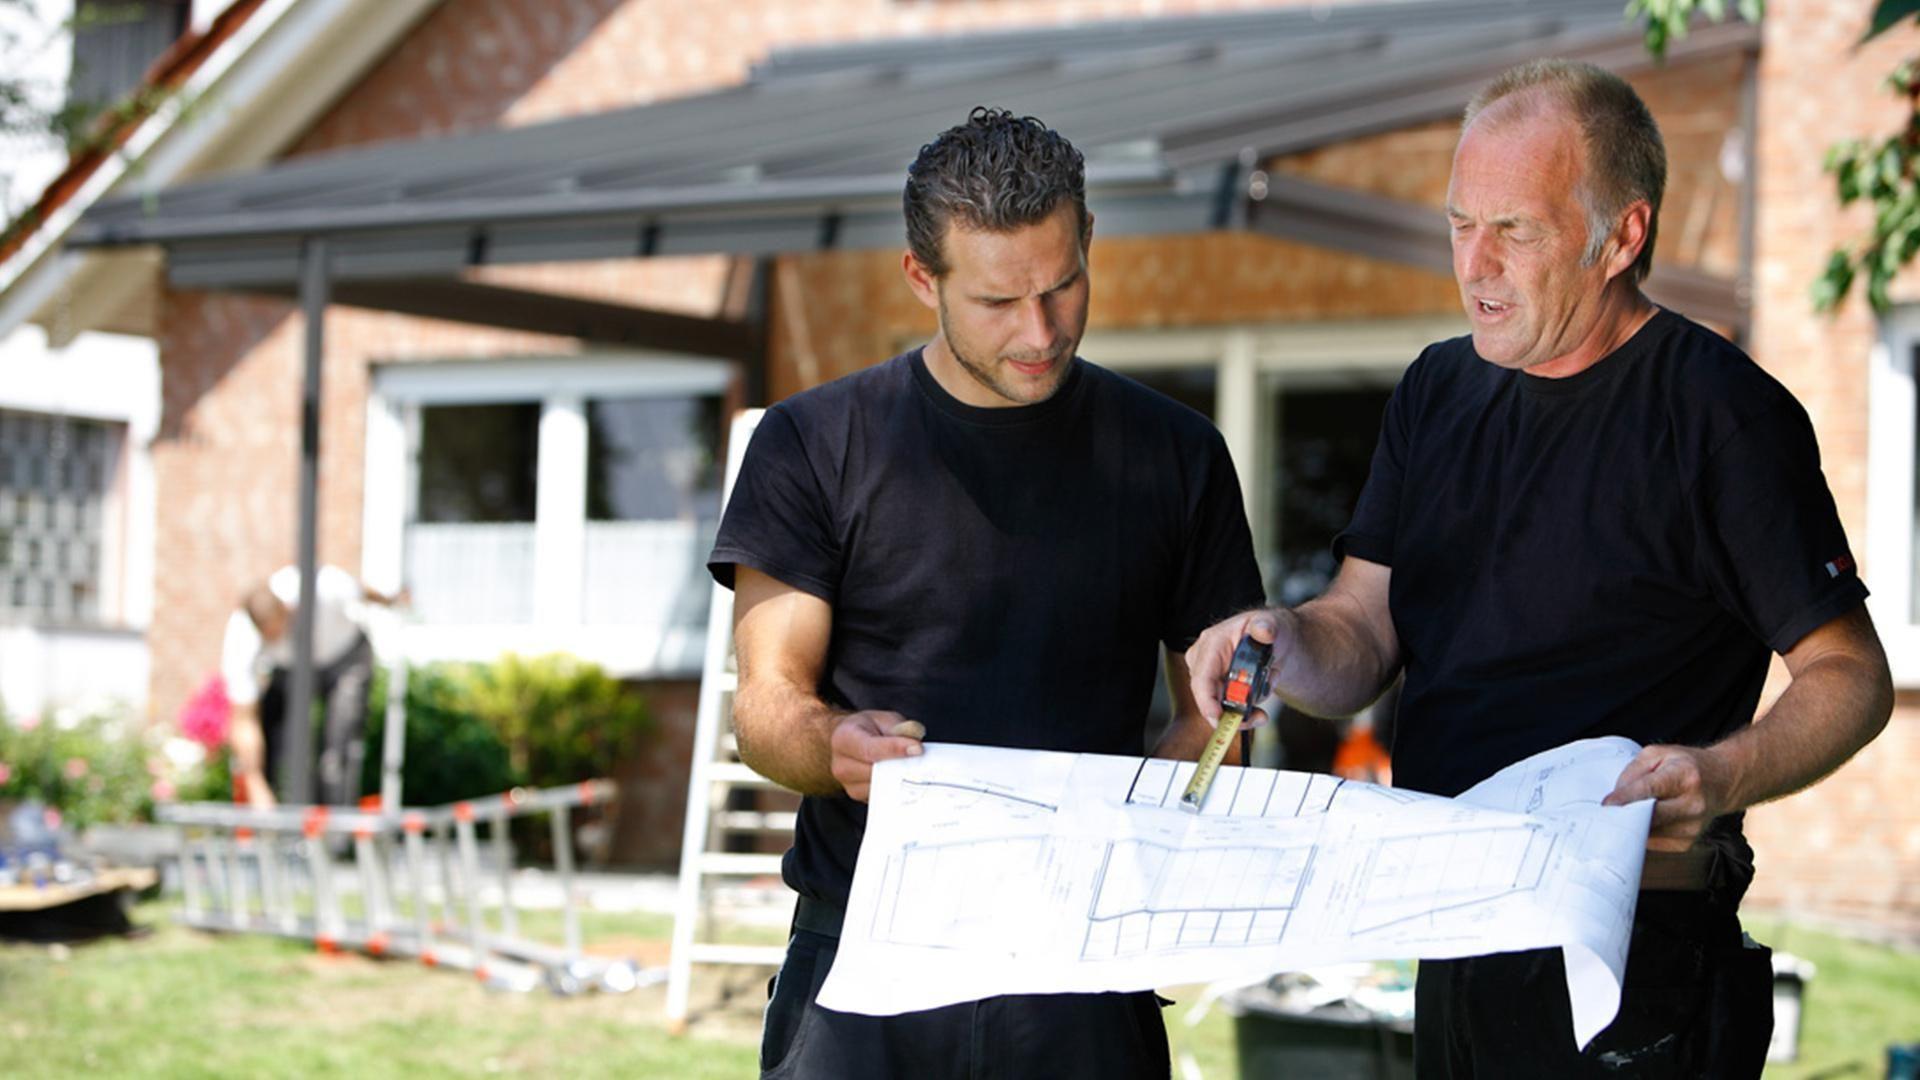 Zwei Männer stehen mit Bauplan vor einen Haus mit Wintergarten